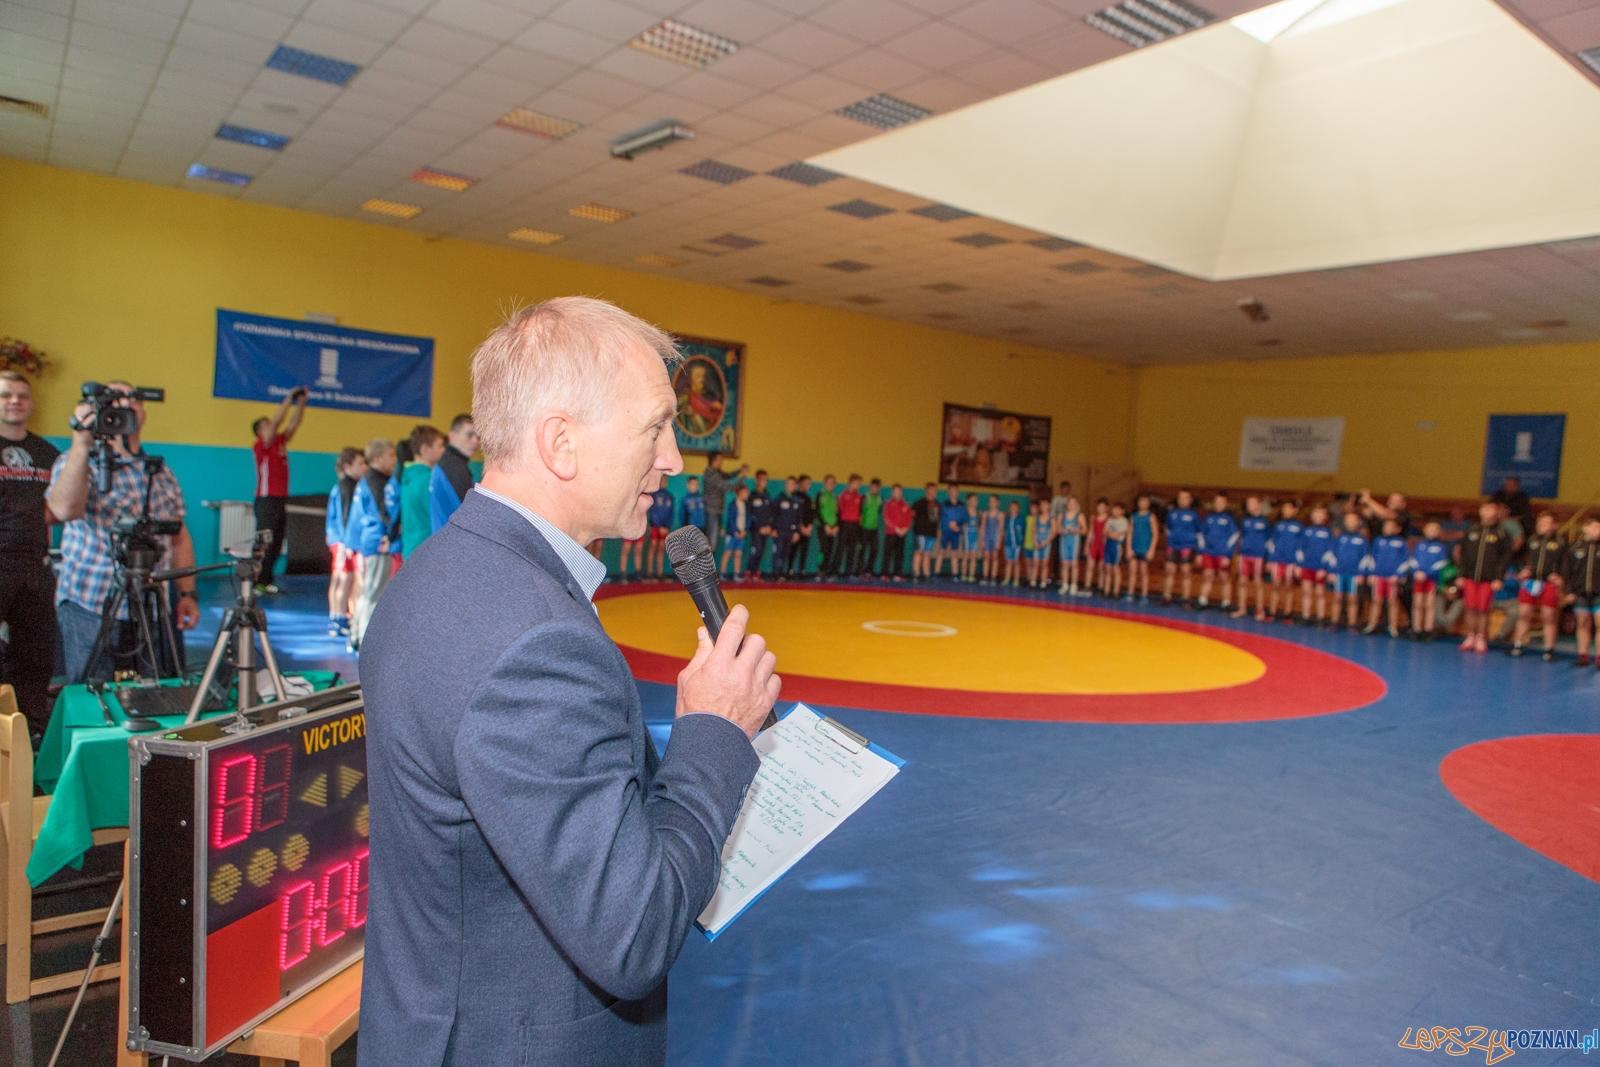 Memoriał Józefa Moczyńskiego to Międzynarodowy Turniej Zapa  Foto: LepszyPOZNAN.pl / Paweł Rychter